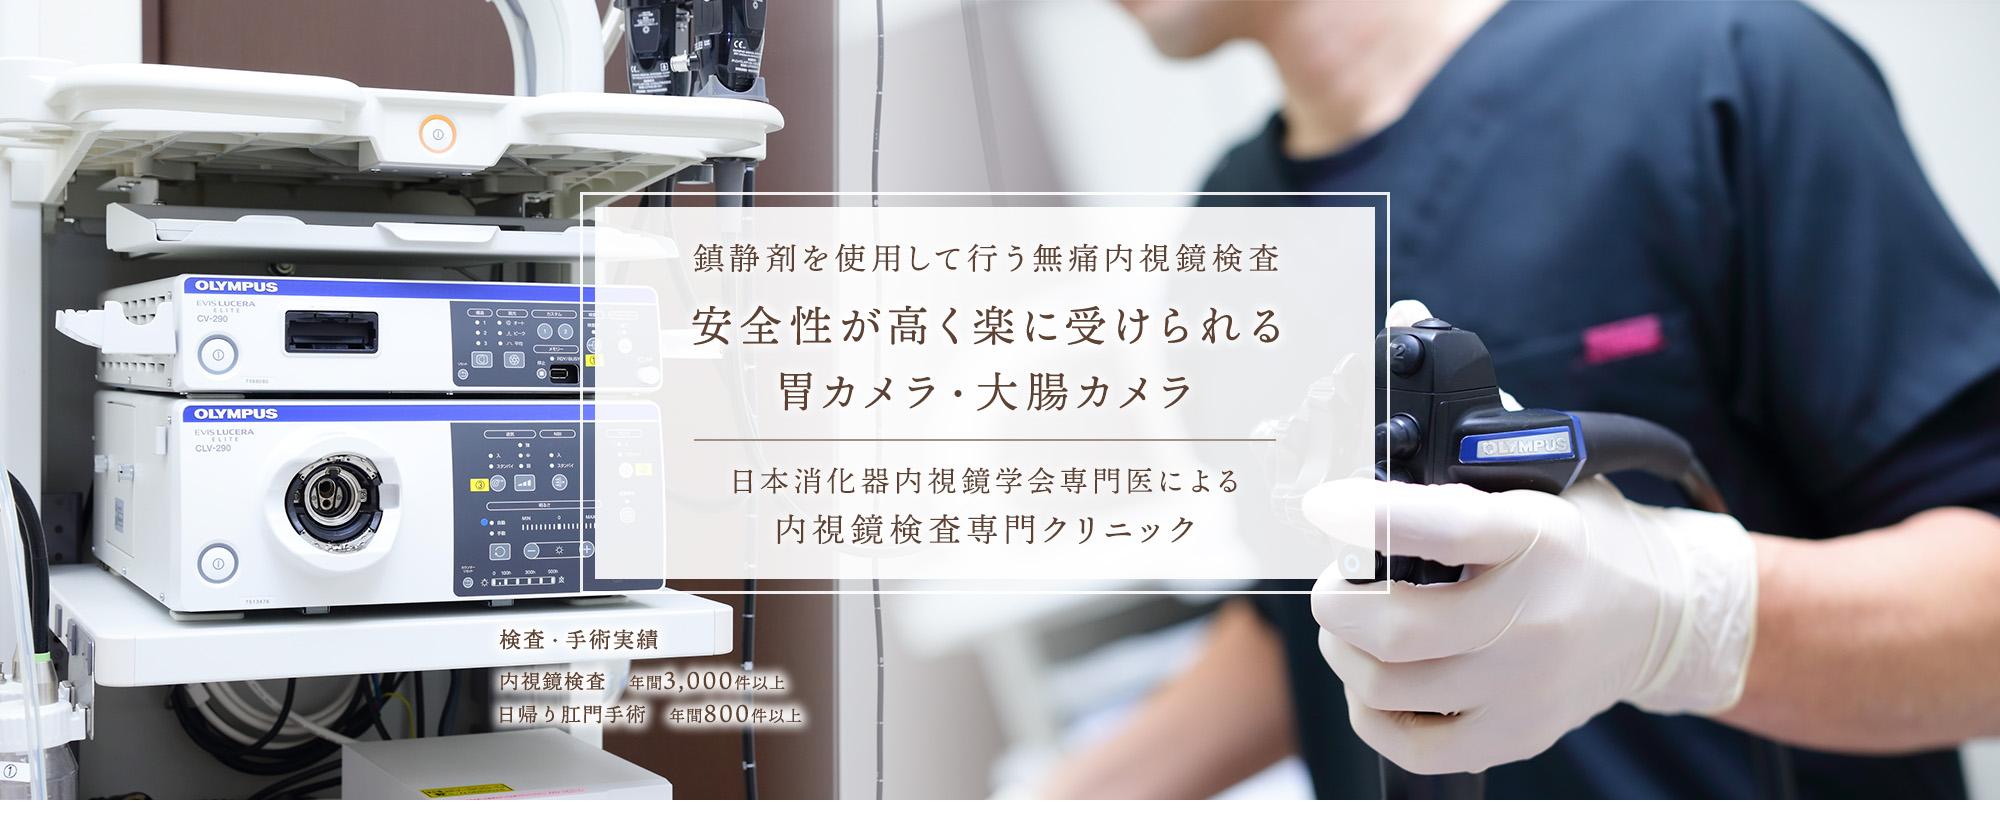 熟練した内視鏡専門医による検査と麻酔を使用し、無痛内視鏡検査を提供